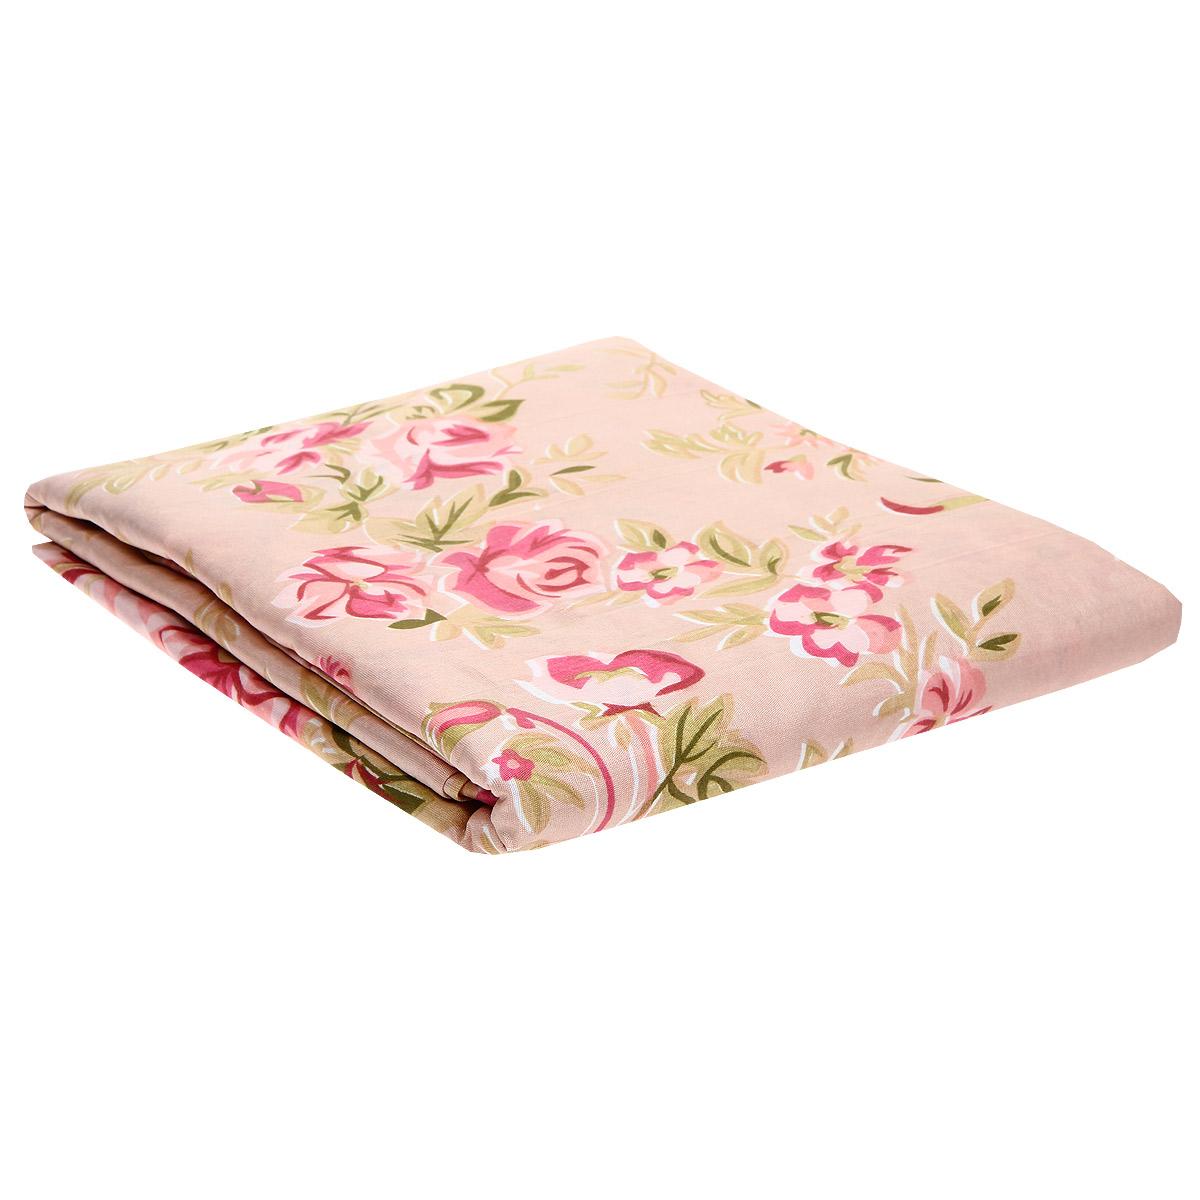 Комплект белья P&W Ноты счастья, 2-спальный, наволочки 70х70, цвет: розовый, зеленый4630003364517Комплект постельного белья P&W Ноты счастья состоит из пододеяльника, простыни и двух наволочек. Предметы комплекта выполнены из микрофибры (100 % полиэстера) и украшены изящным рисунком в виде бабочек. Рекомендации по уходу: - Гладить при средней температуре (до 130°С). - Стирка в теплой воде (температура до 30°С). - Нельзя отбеливать. При стирке не использовать средства, содержащие отбеливатели (хлор). - Можно отжимать и сушить в стиральной машине.Уважаемые клиенты! Обращаем ваше внимание на цвет изделия. Цветовой вариант комплекта, данного в интерьере, служит для визуального восприятия товара. Цветовая гамма данного комплекта представлена на отдельном изображении фрагментом ткани.